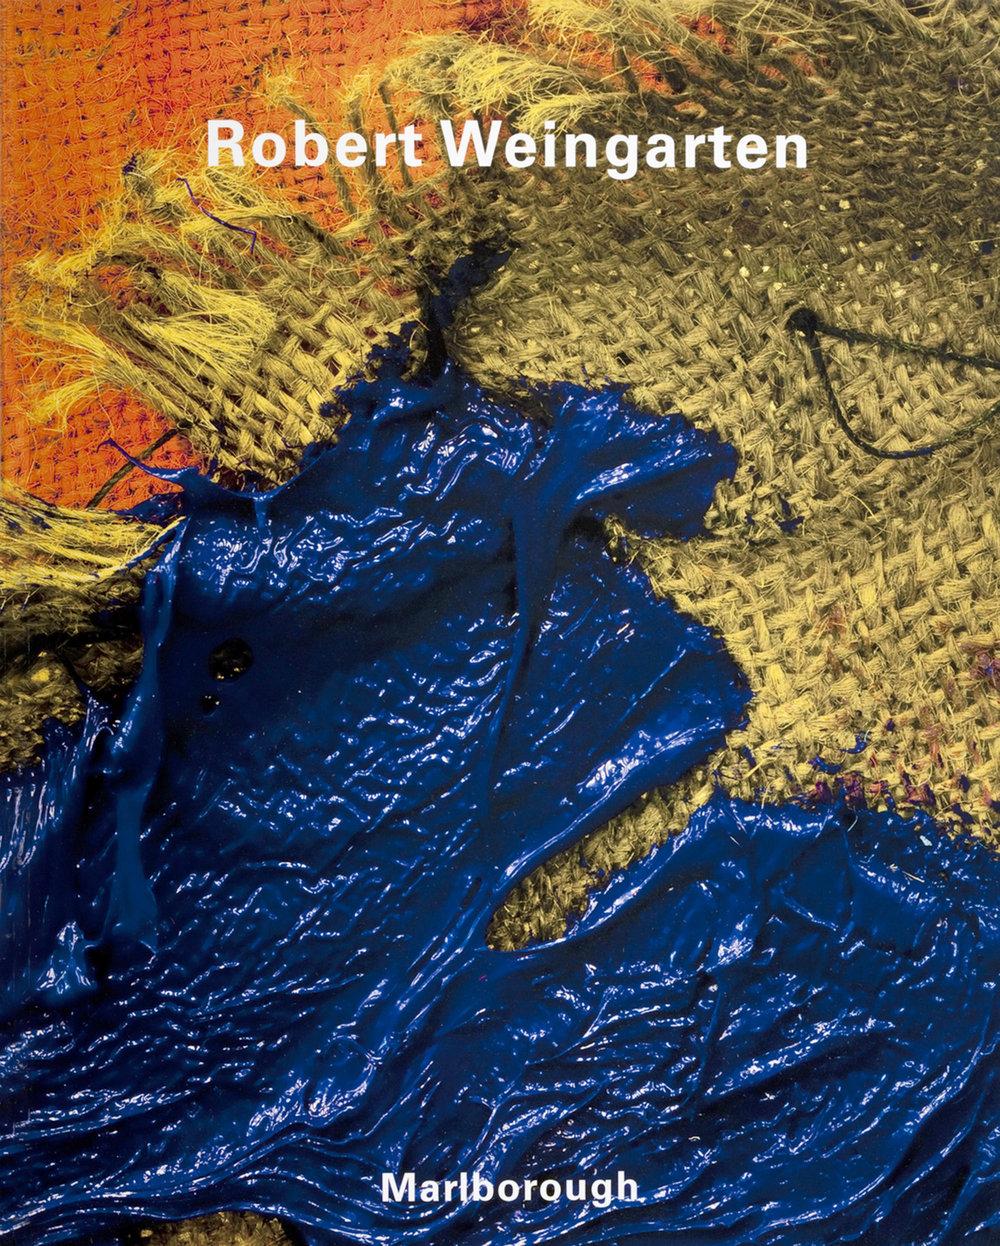 Palette Seriesby Robert Weingarten - Essay by Alejandro Castellote (